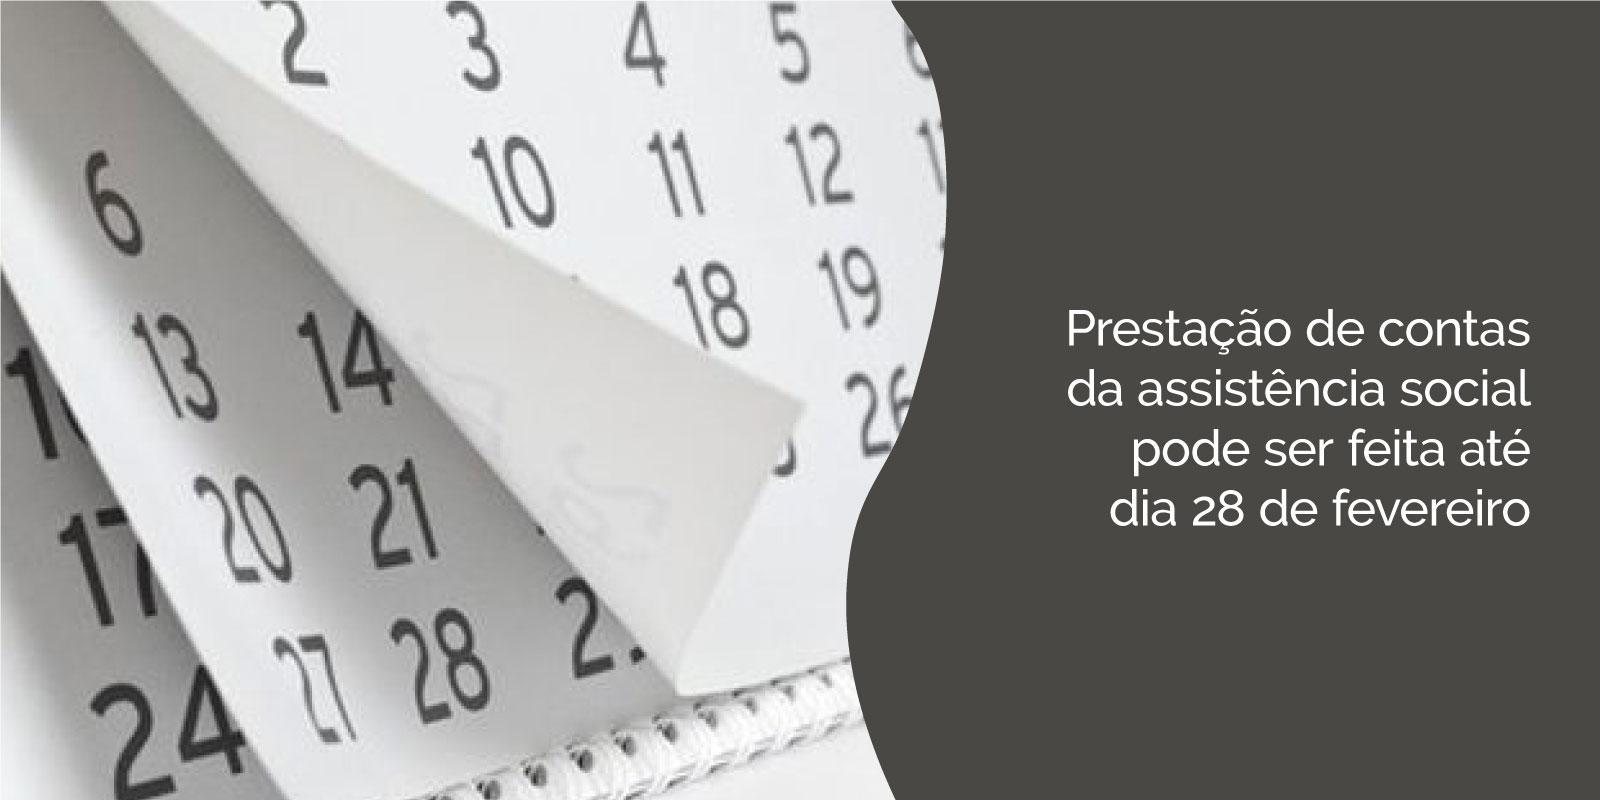 Prestação de contas da assistência social pode ser feita até dia 28 de fevereiro